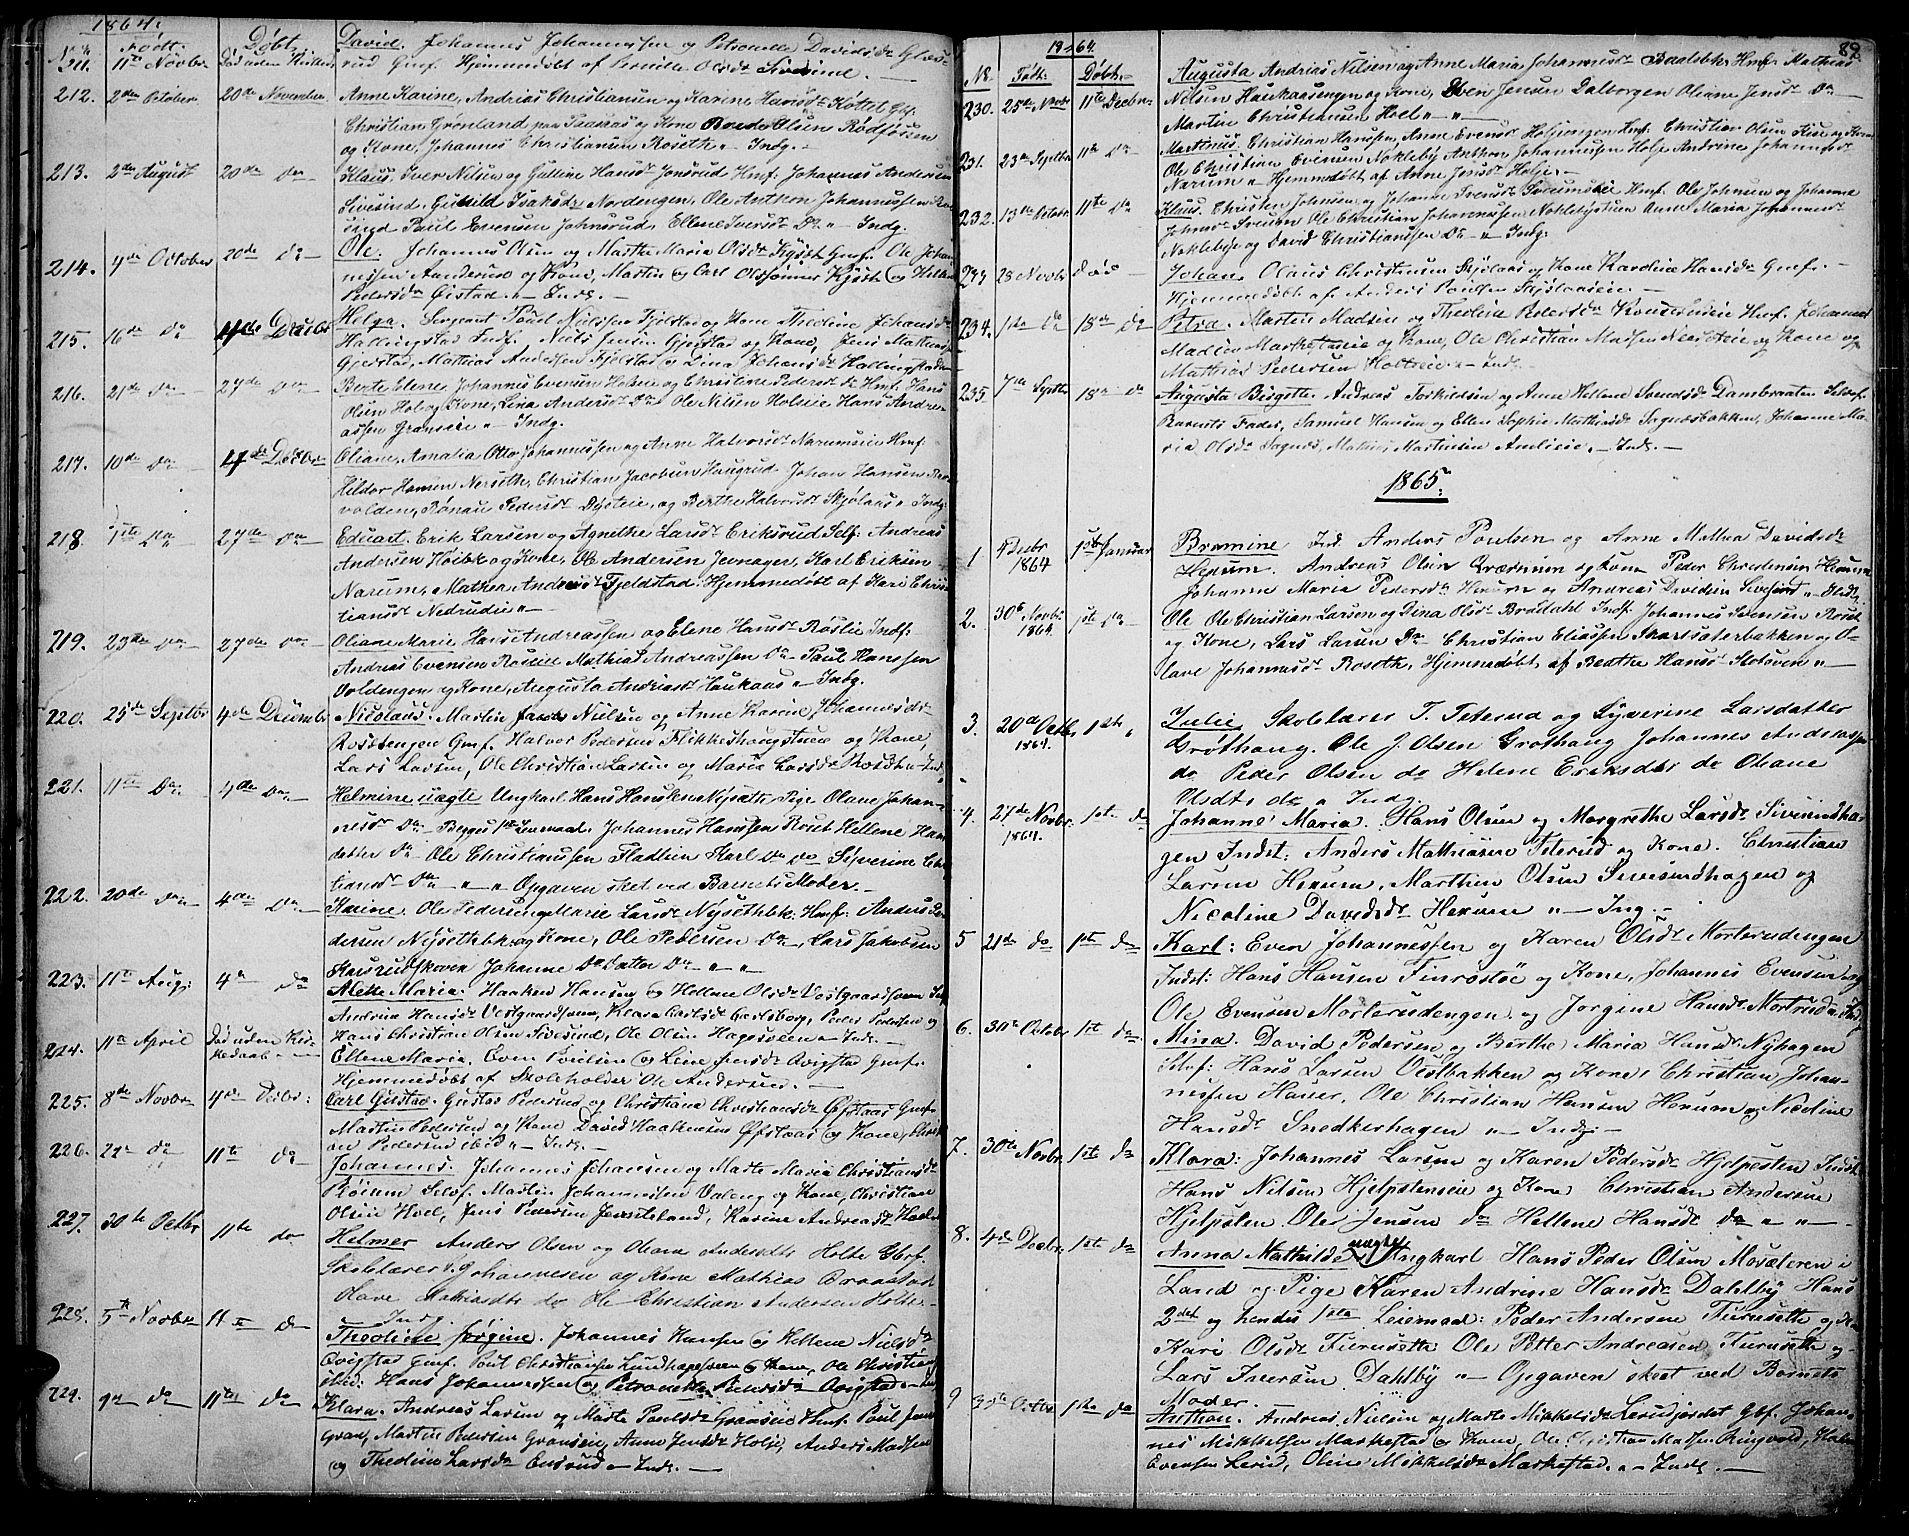 SAH, Vestre Toten prestekontor, H/Ha/Hab/L0005: Klokkerbok nr. 5, 1854-1870, s. 89